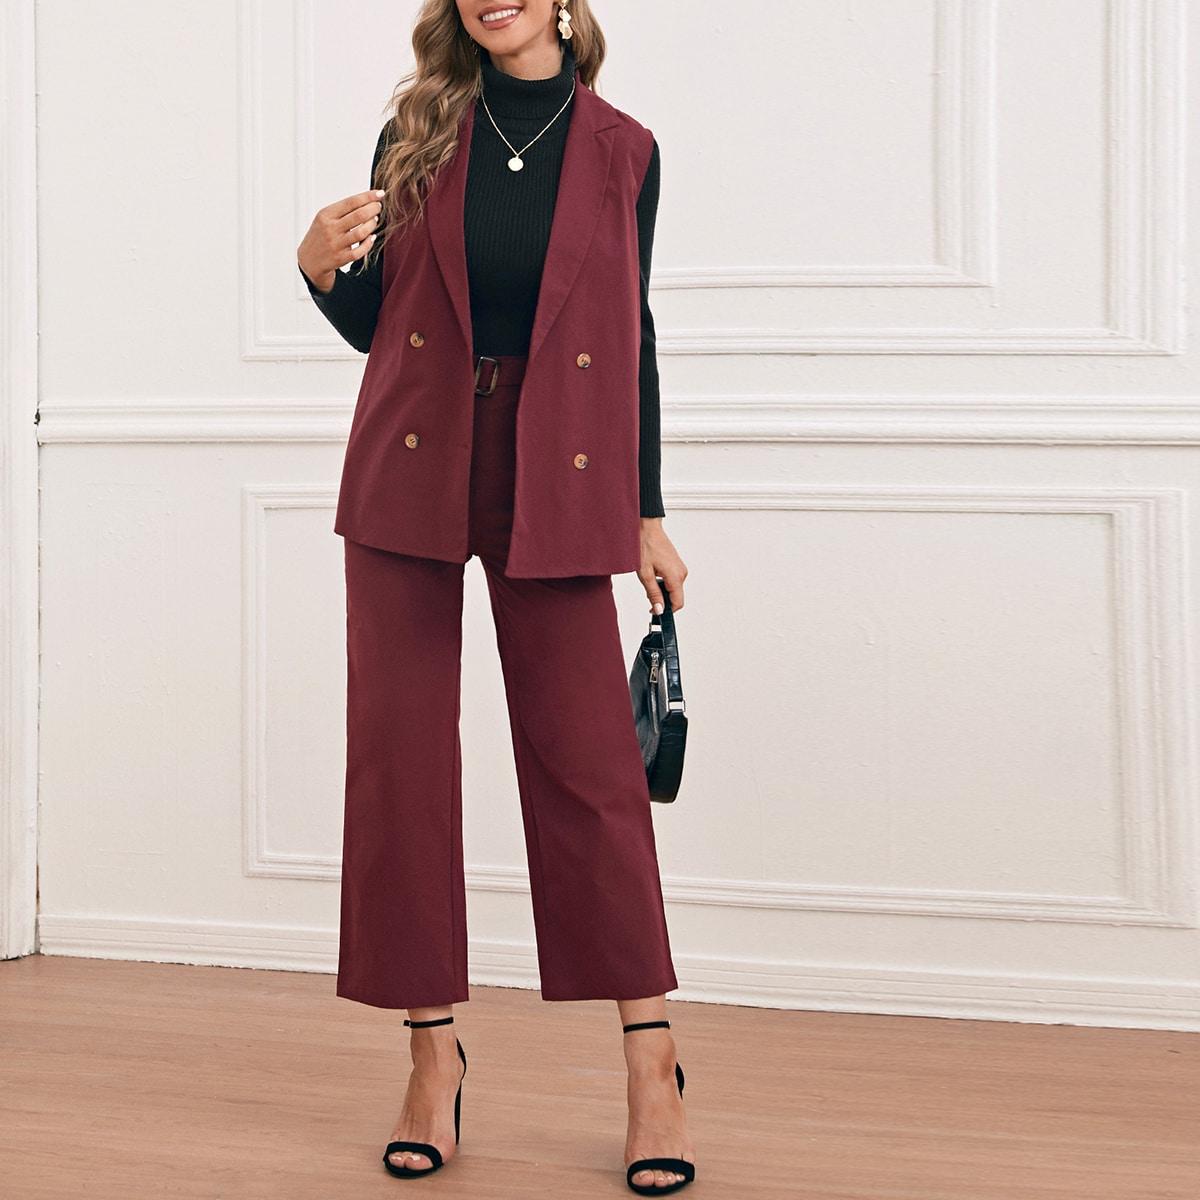 Пиджак-жилет с пуговицами и брюки